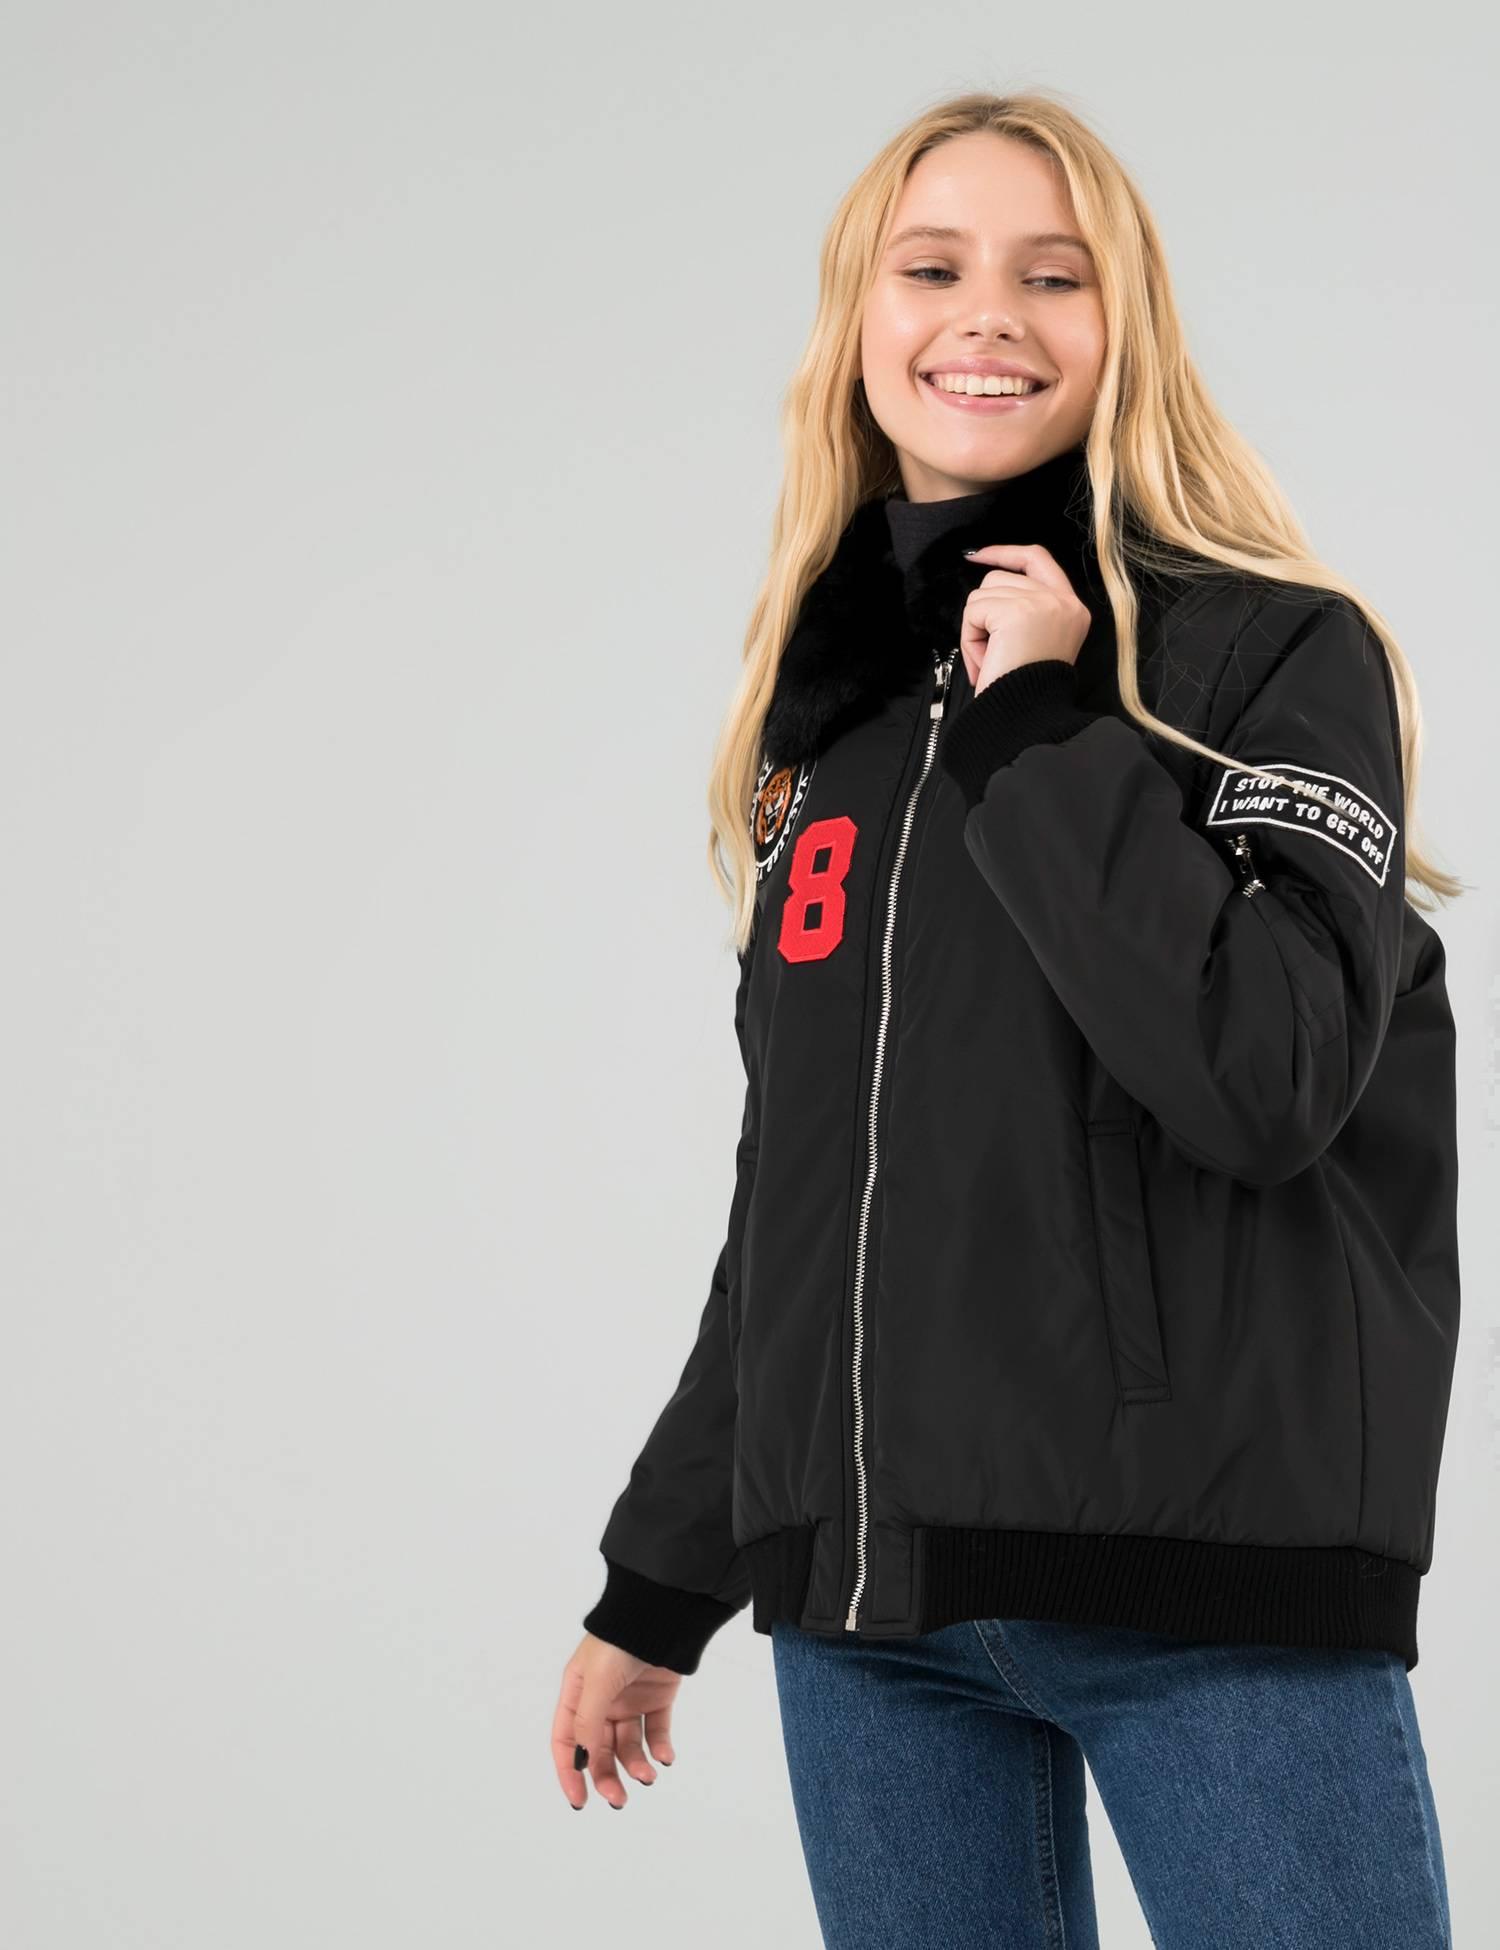 Бренд шиє комфортний та елегантний верхній одяг. В осінній колекції є чорна  коротка куртка з хутряним коміром. 4d4e93e672aae